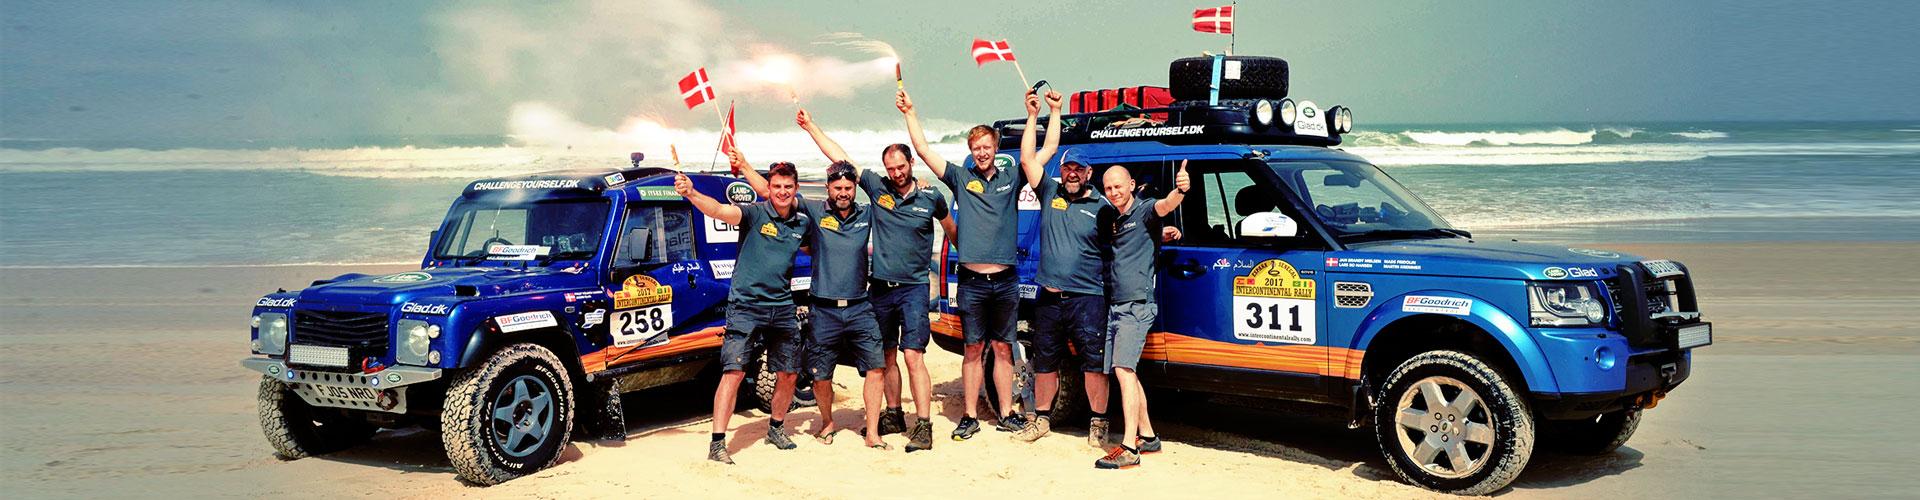 Vinder af Intercontinental Rally 2017